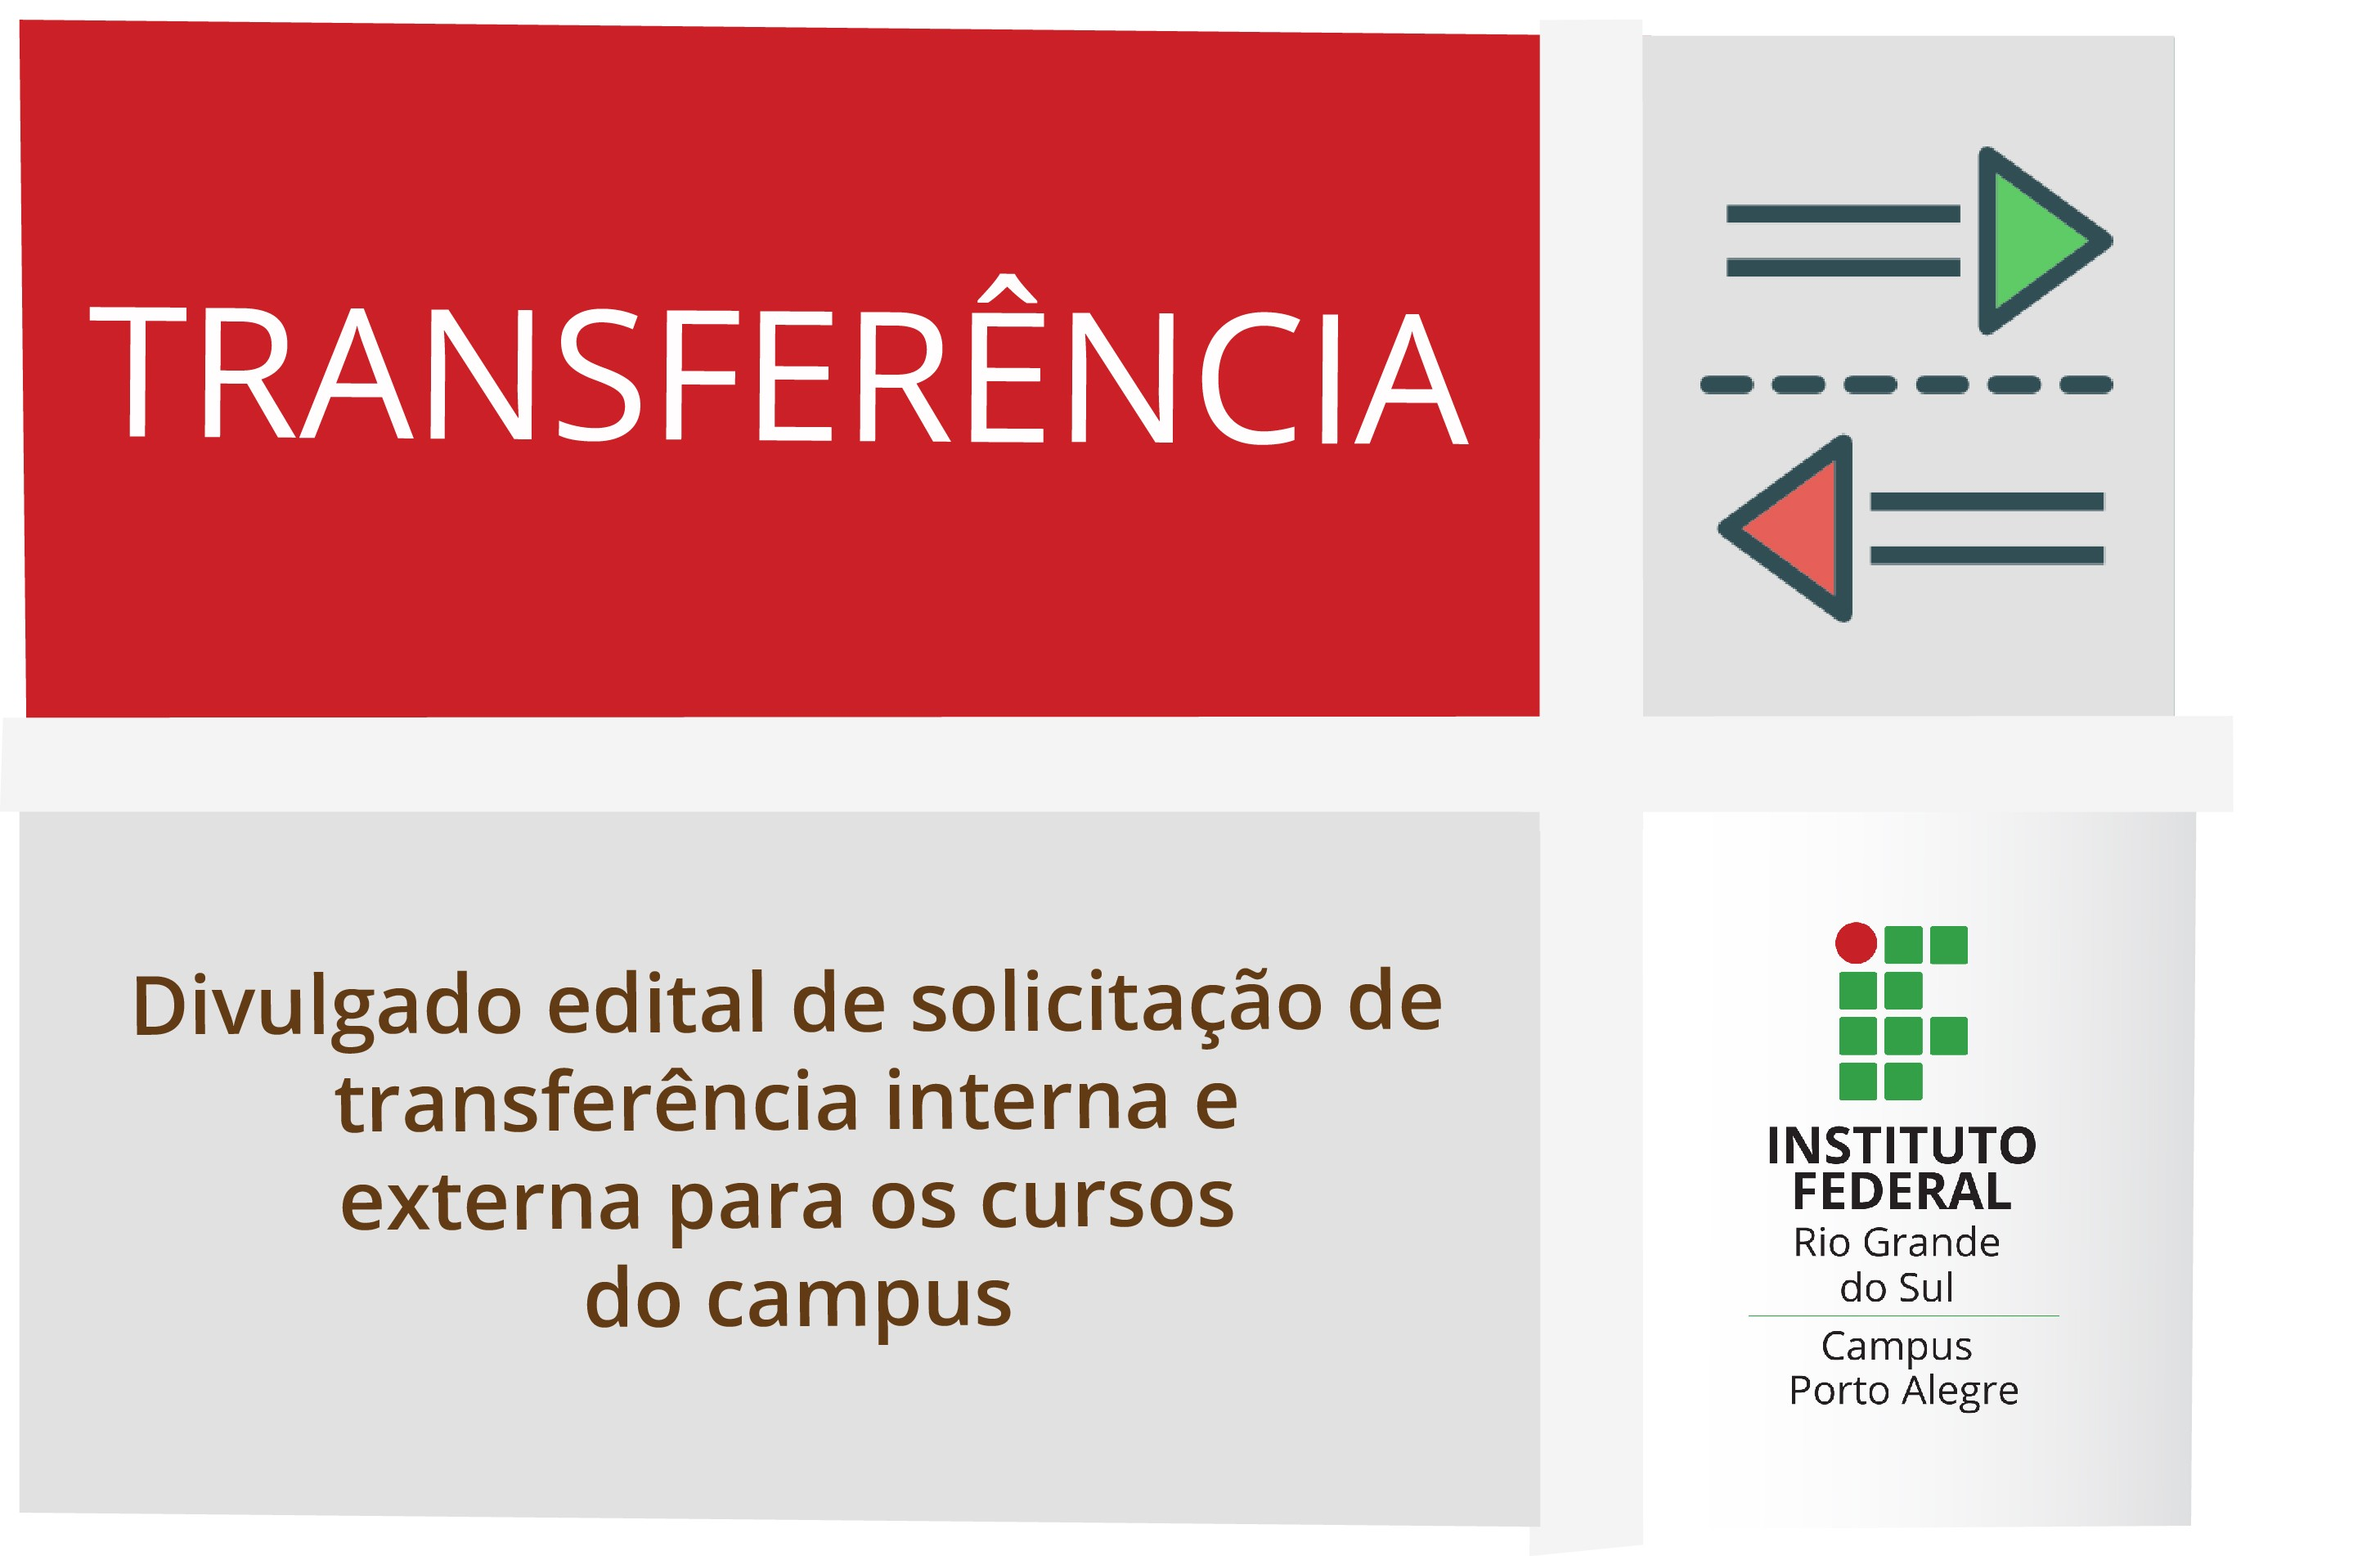 2017 FaceTransferencia